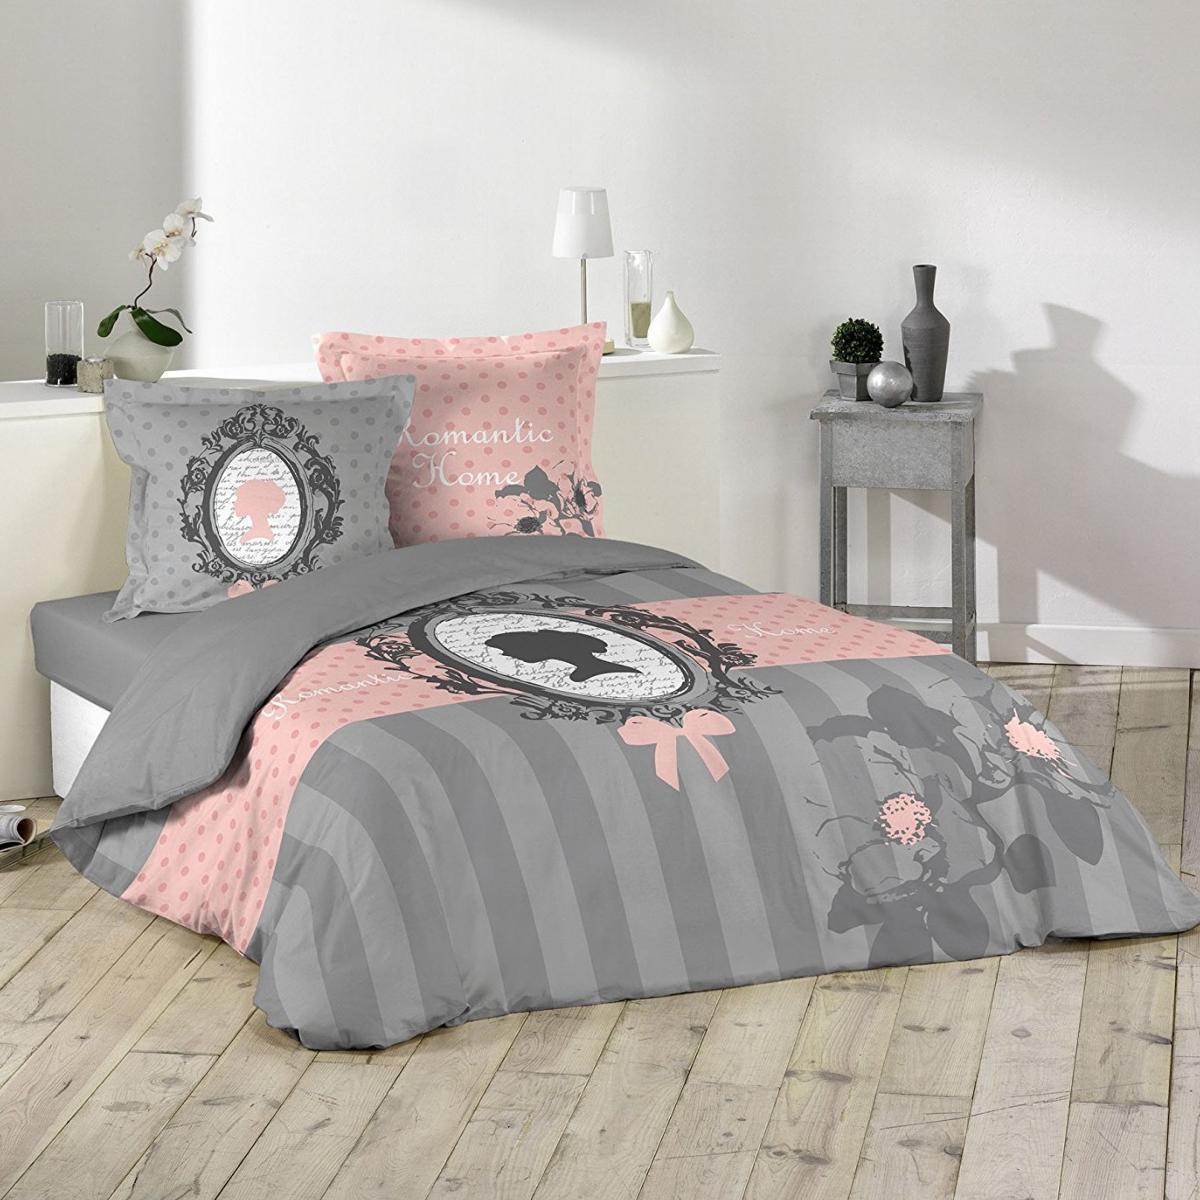 Housse de couette Boudoir Romantique, 220x240cm, 100% Coton